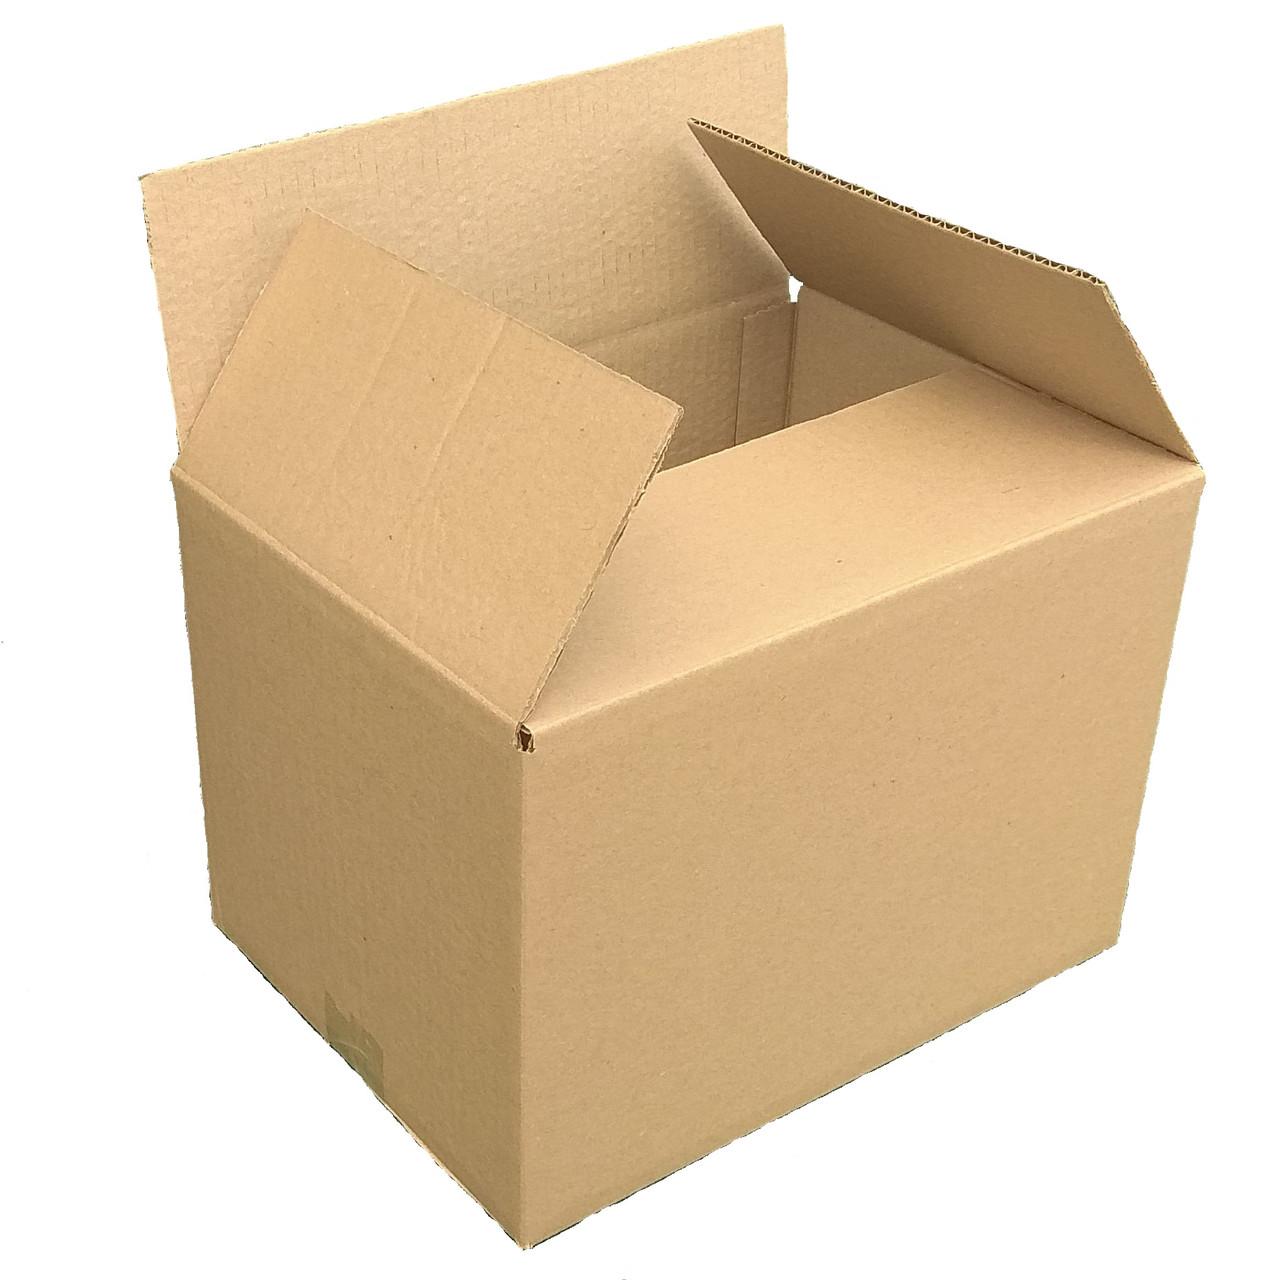 Картонная коробка вместимостью до 20 кг фактического или объемного веса 470*400*430